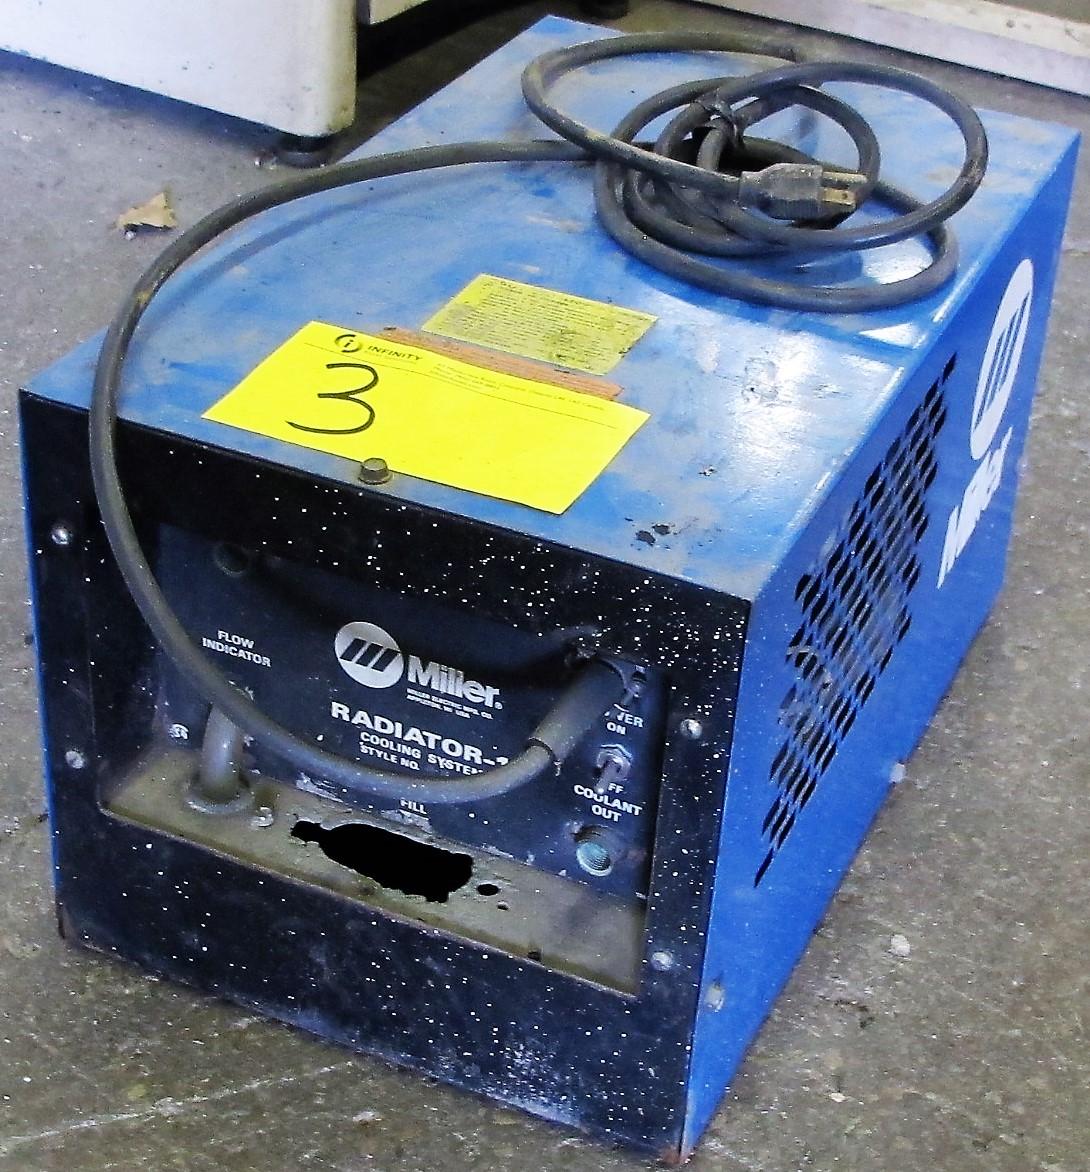 MILLER RADIATOR/COOLING SYSTEM